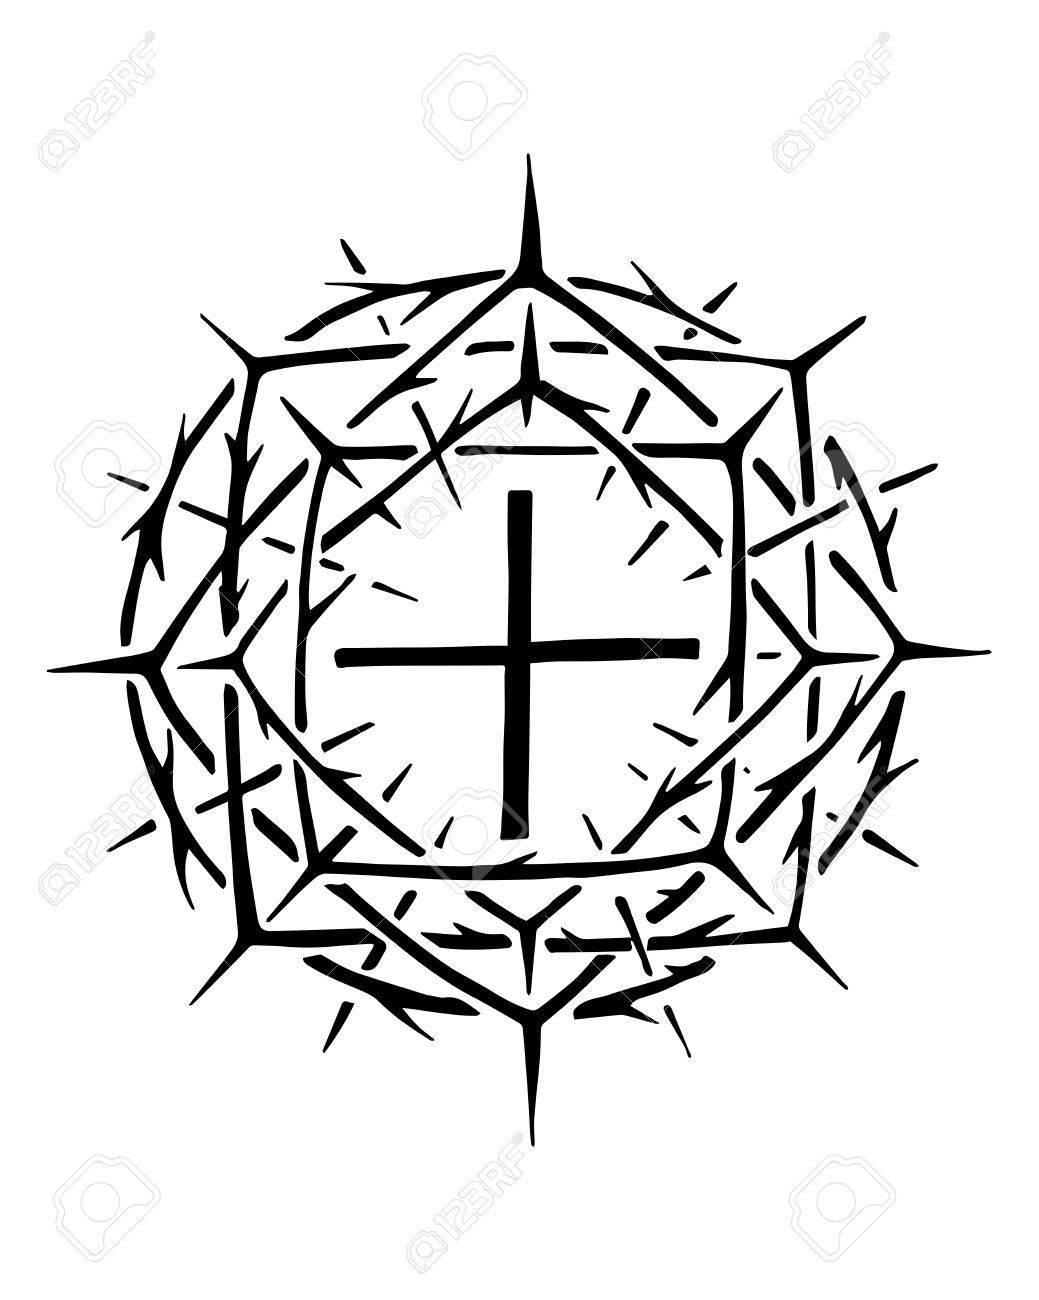 Dibujado A Mano Ilustración Vectorial O Tinta De Dibujo Del Símbolo